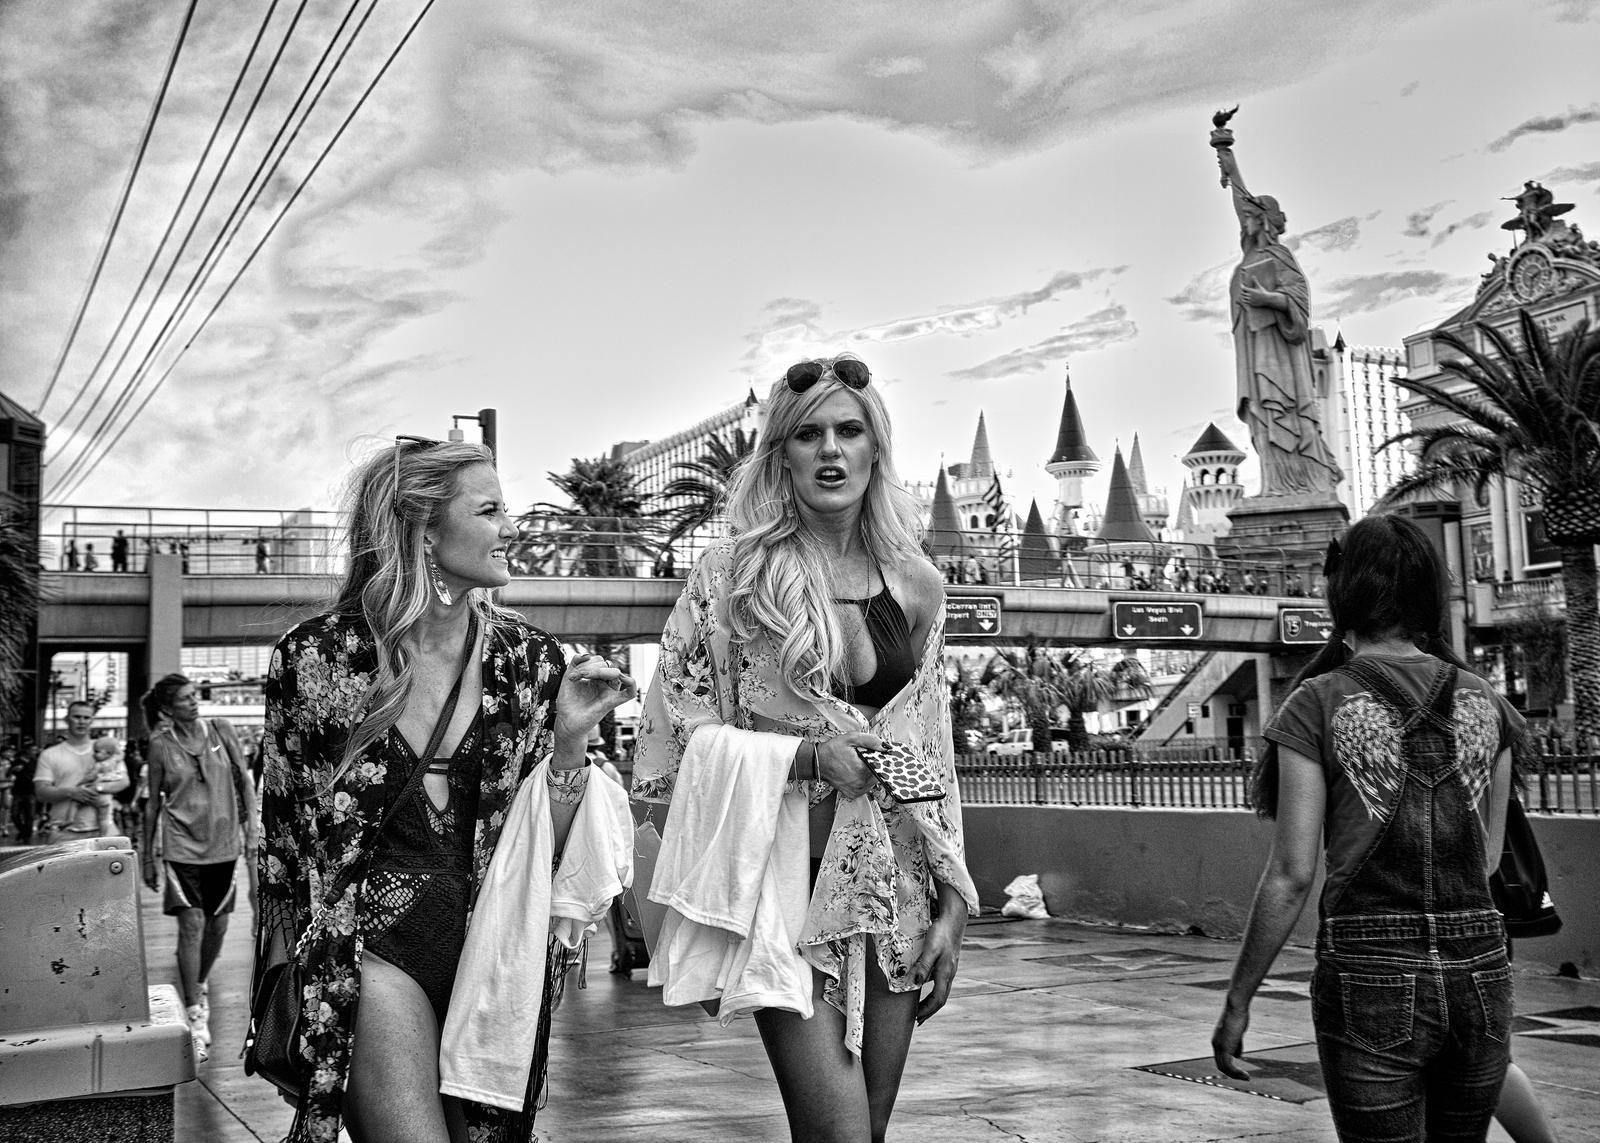 Las Vegas Girls by PatrickMonnier